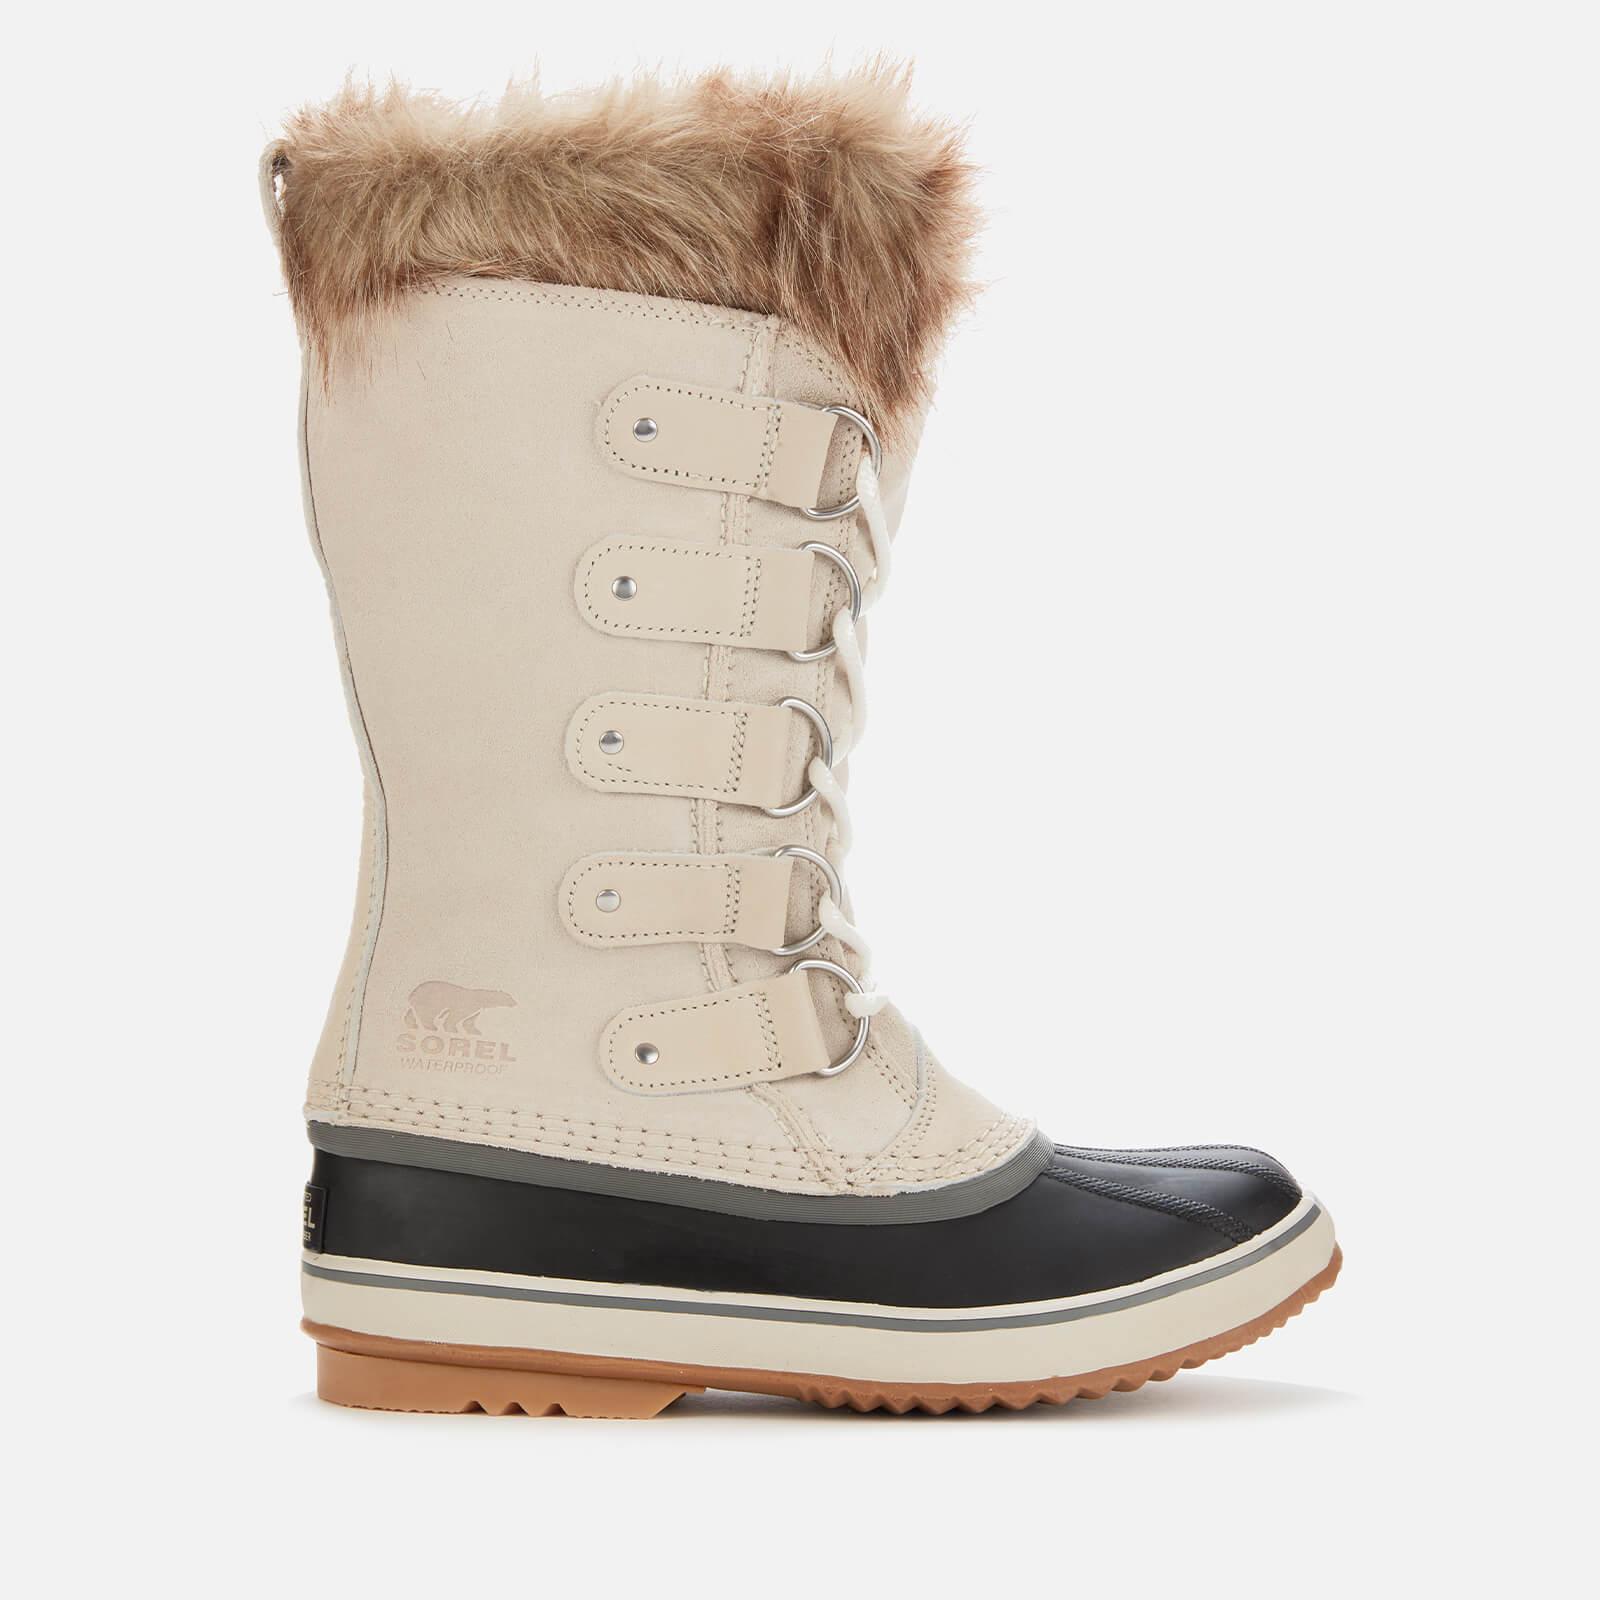 Sorel Women's Joan Of Arctic Waterproof Suede Knee High Winter Boots - Dark Stone/Sea Salt - UK 8